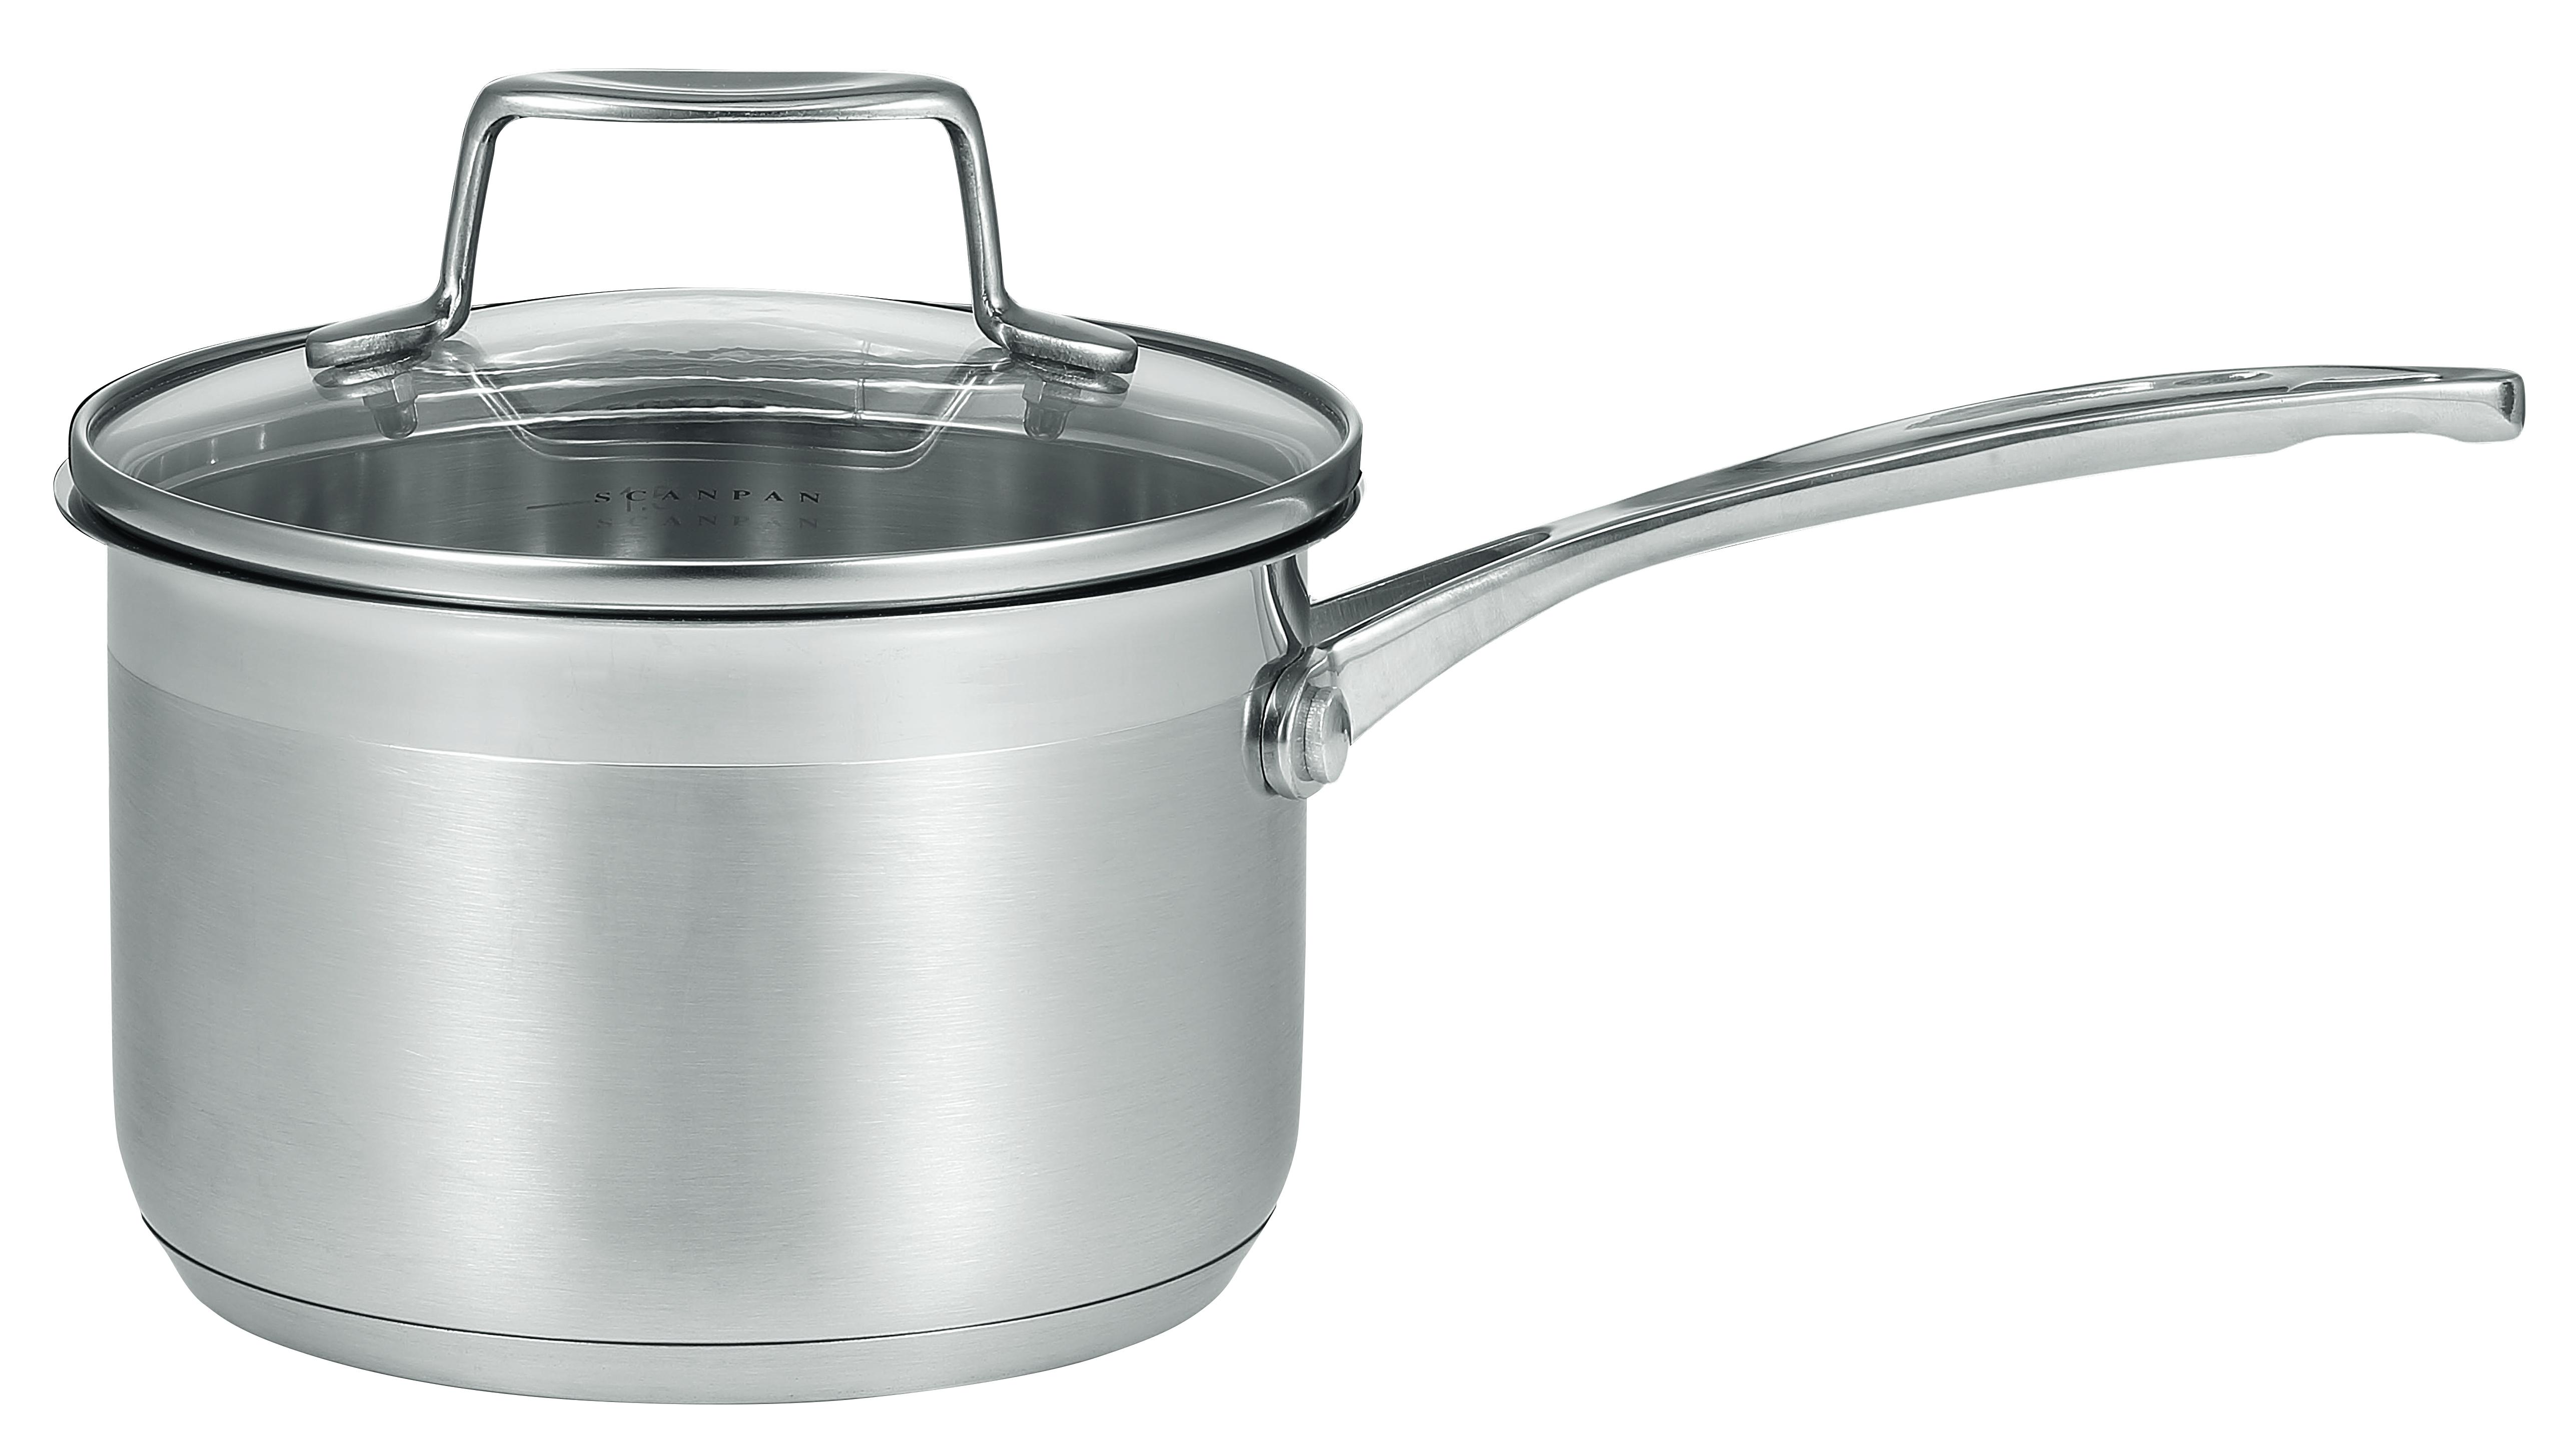 2,5l/18 cm kasserolle med glaslåg - Impact, 2,5 l 18 cm